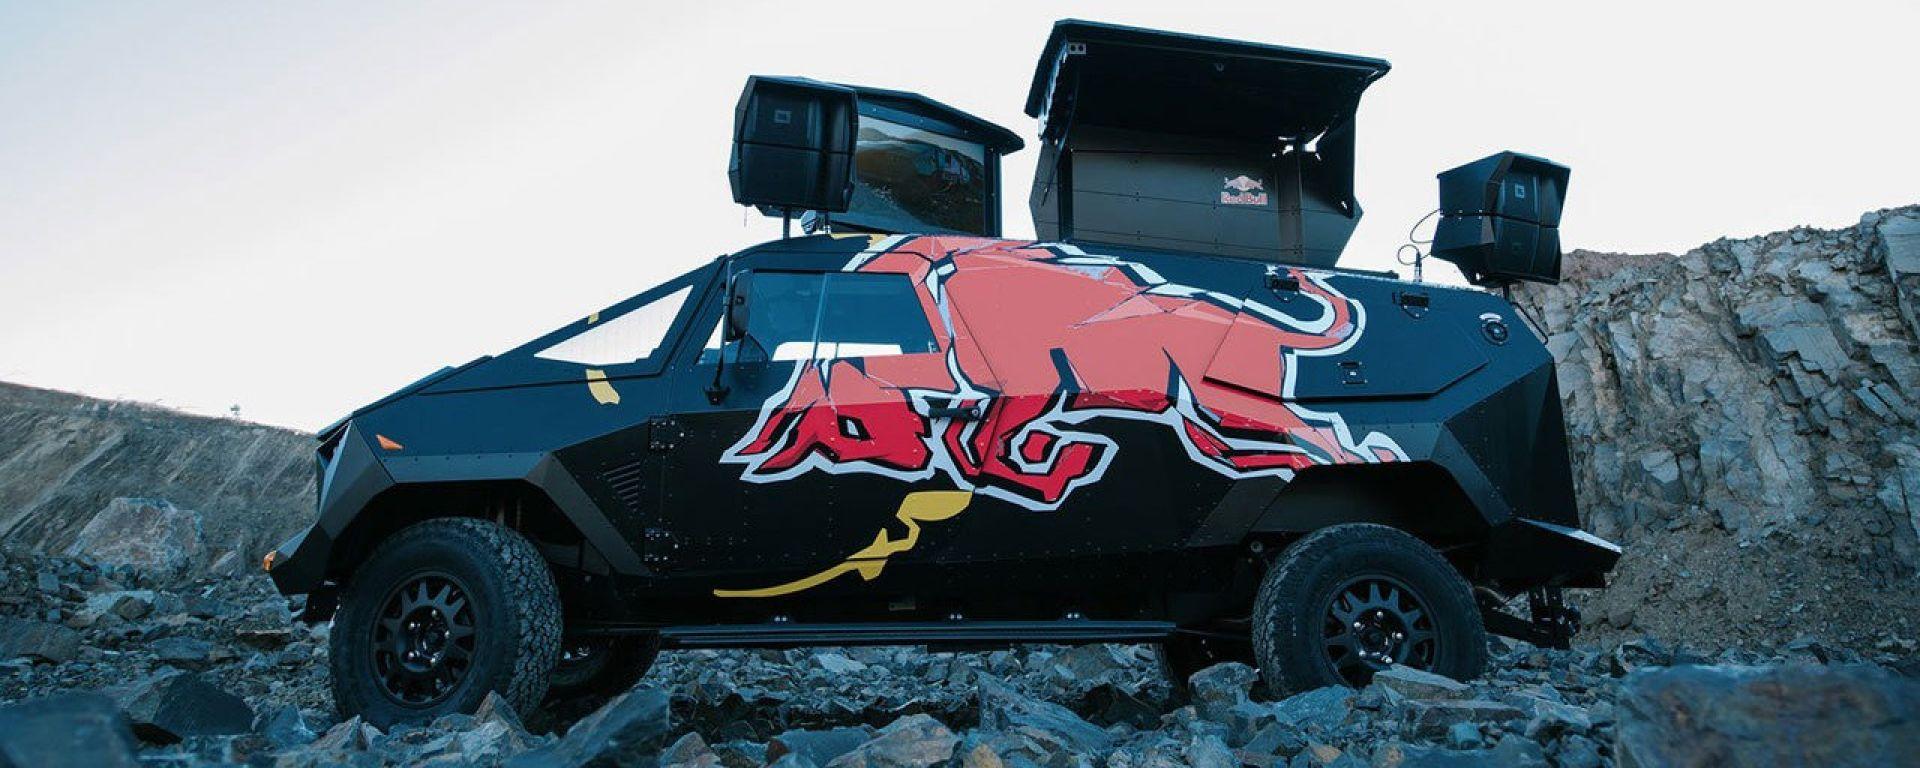 Red Bull Land Rover: ispirata a un F-22